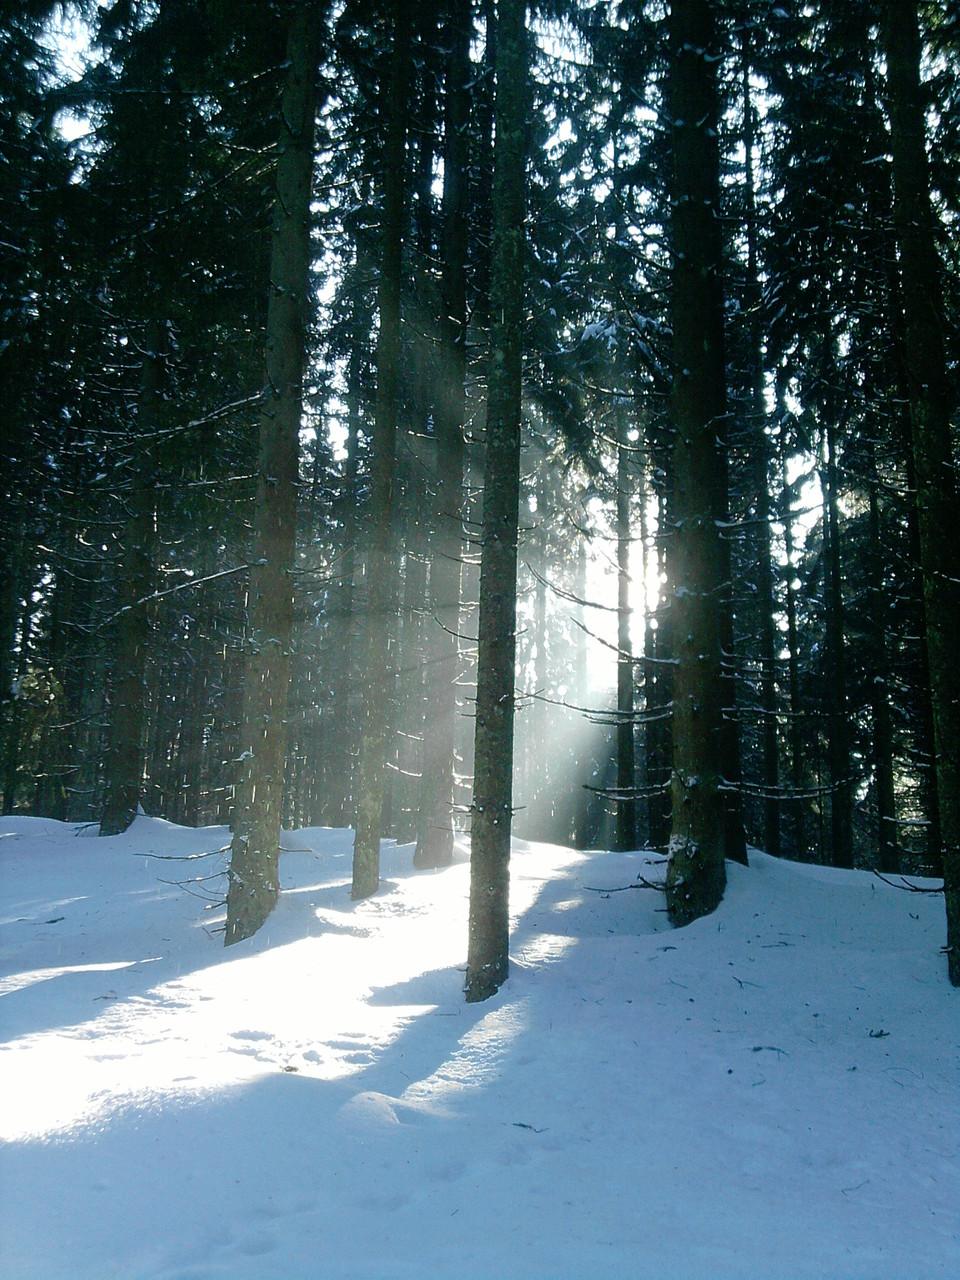 Unternehmungen mit Schnee.-u.Wanderschuhen-u.Langlaufski